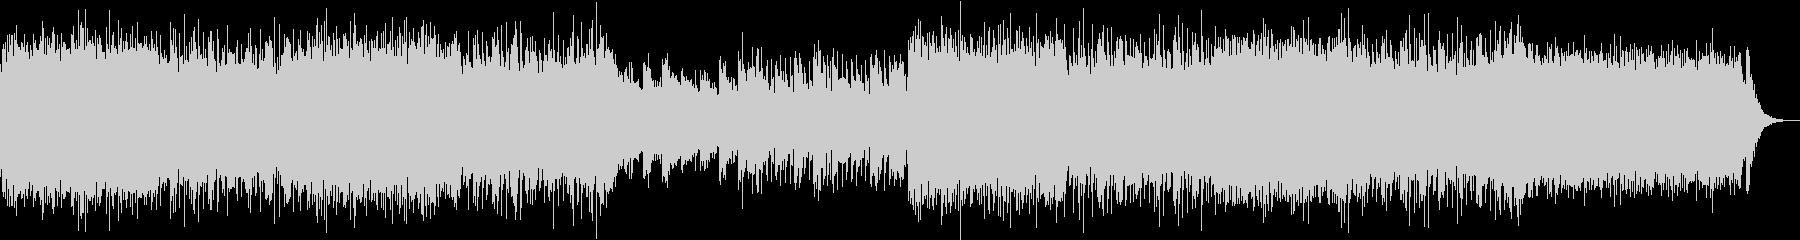 ピアノとシンセのエレクトロ EDMの未再生の波形